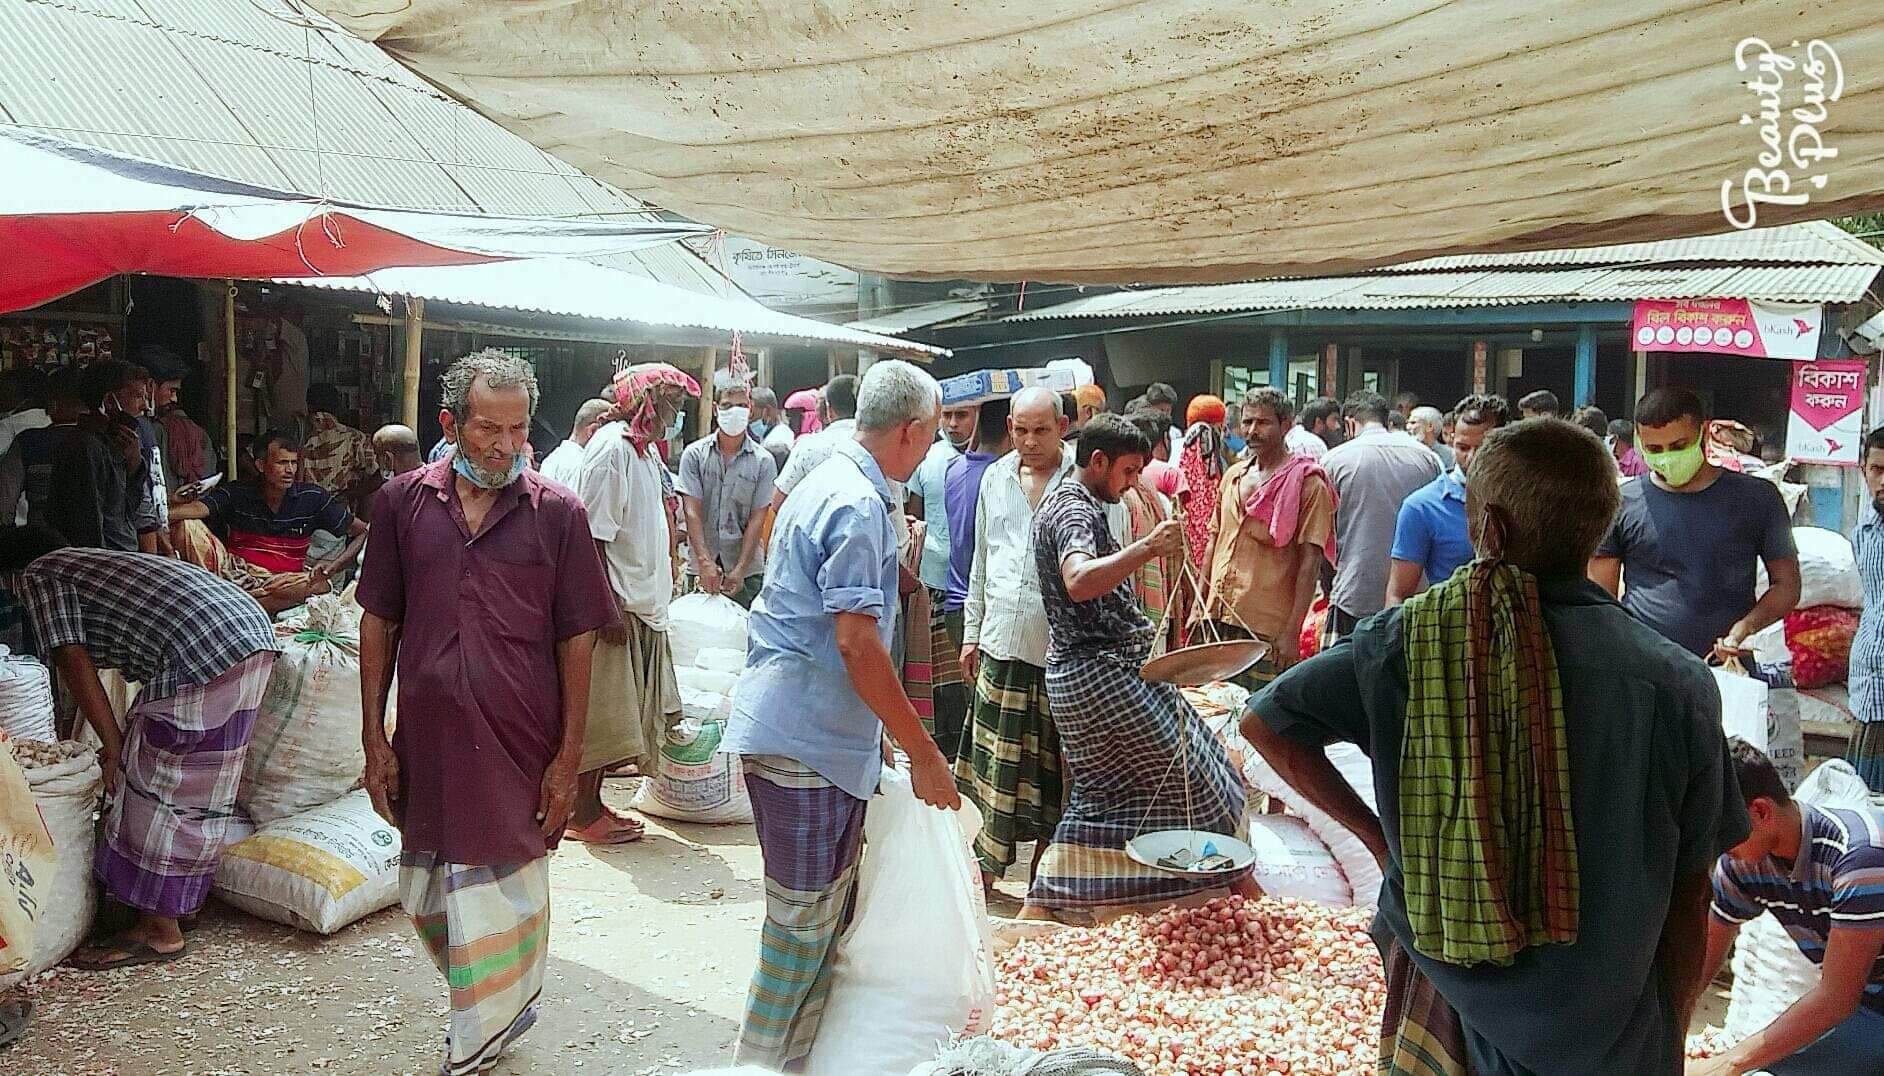 রাজবাড়ীর খানখানাপুর বাজারে সুস্বাস্থ্যবিধি মানছে না মানুষ প্রশাসন নজর দিন